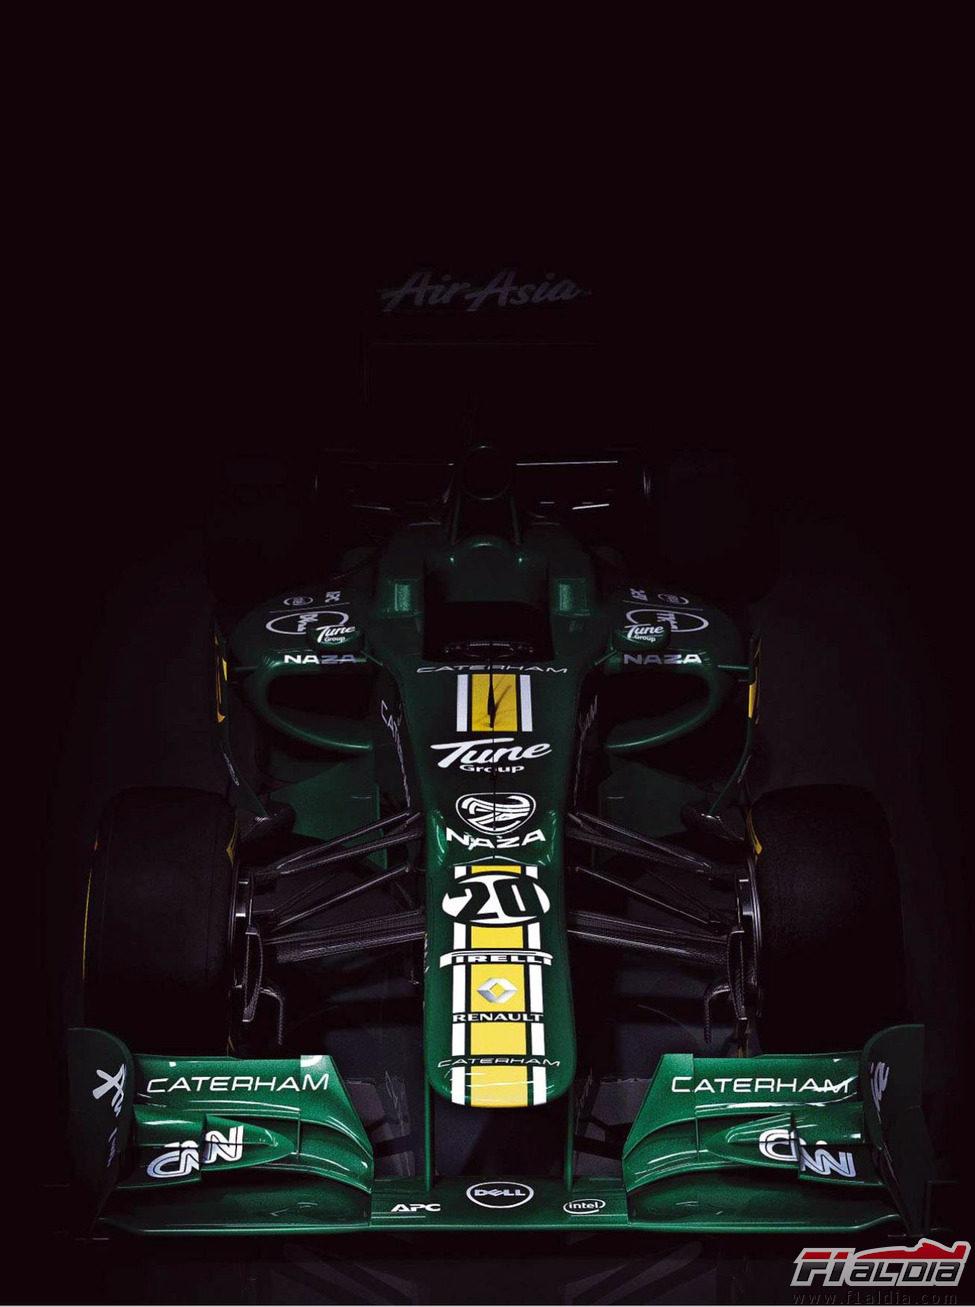 Presentación equipos F1 2012 11951_caterham-ct01-vista-frontal